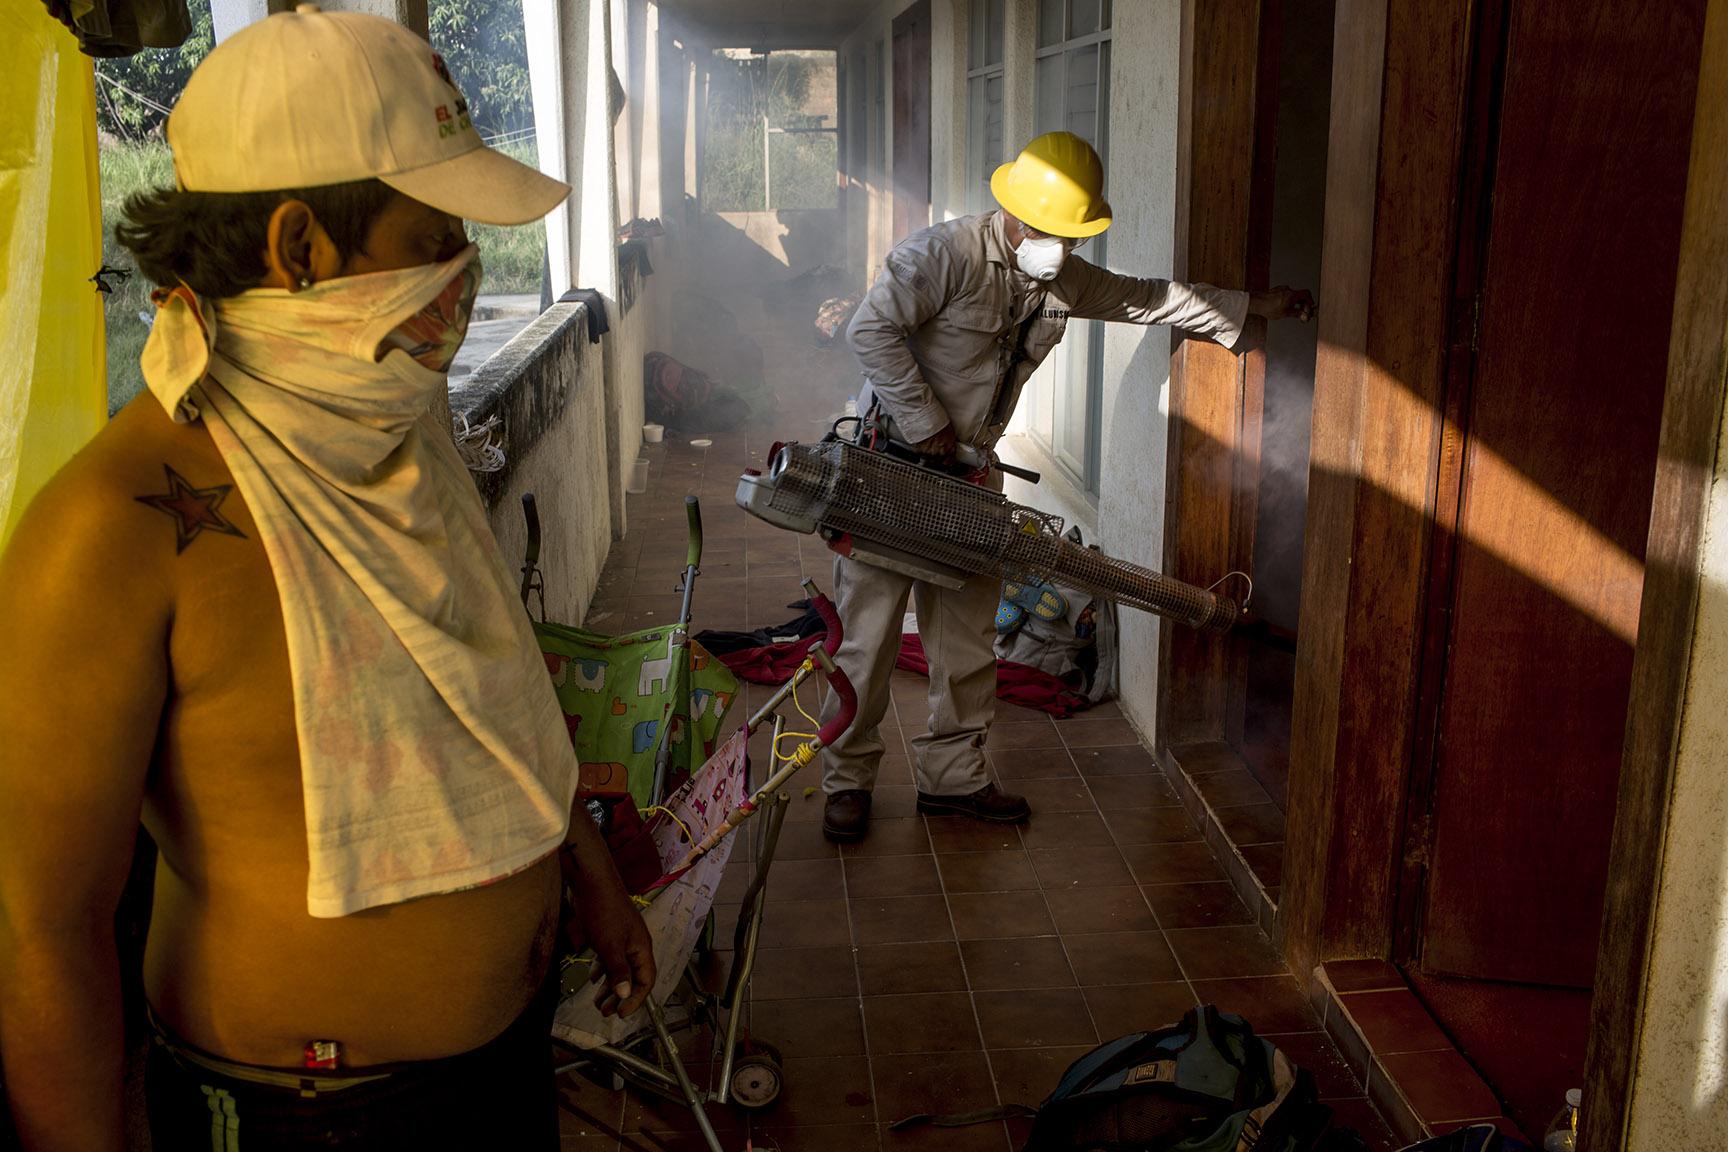 Un empleado municipal fumiga los cuartos del hotel antes de que los migrantes se instalen / Simone Dalmasso